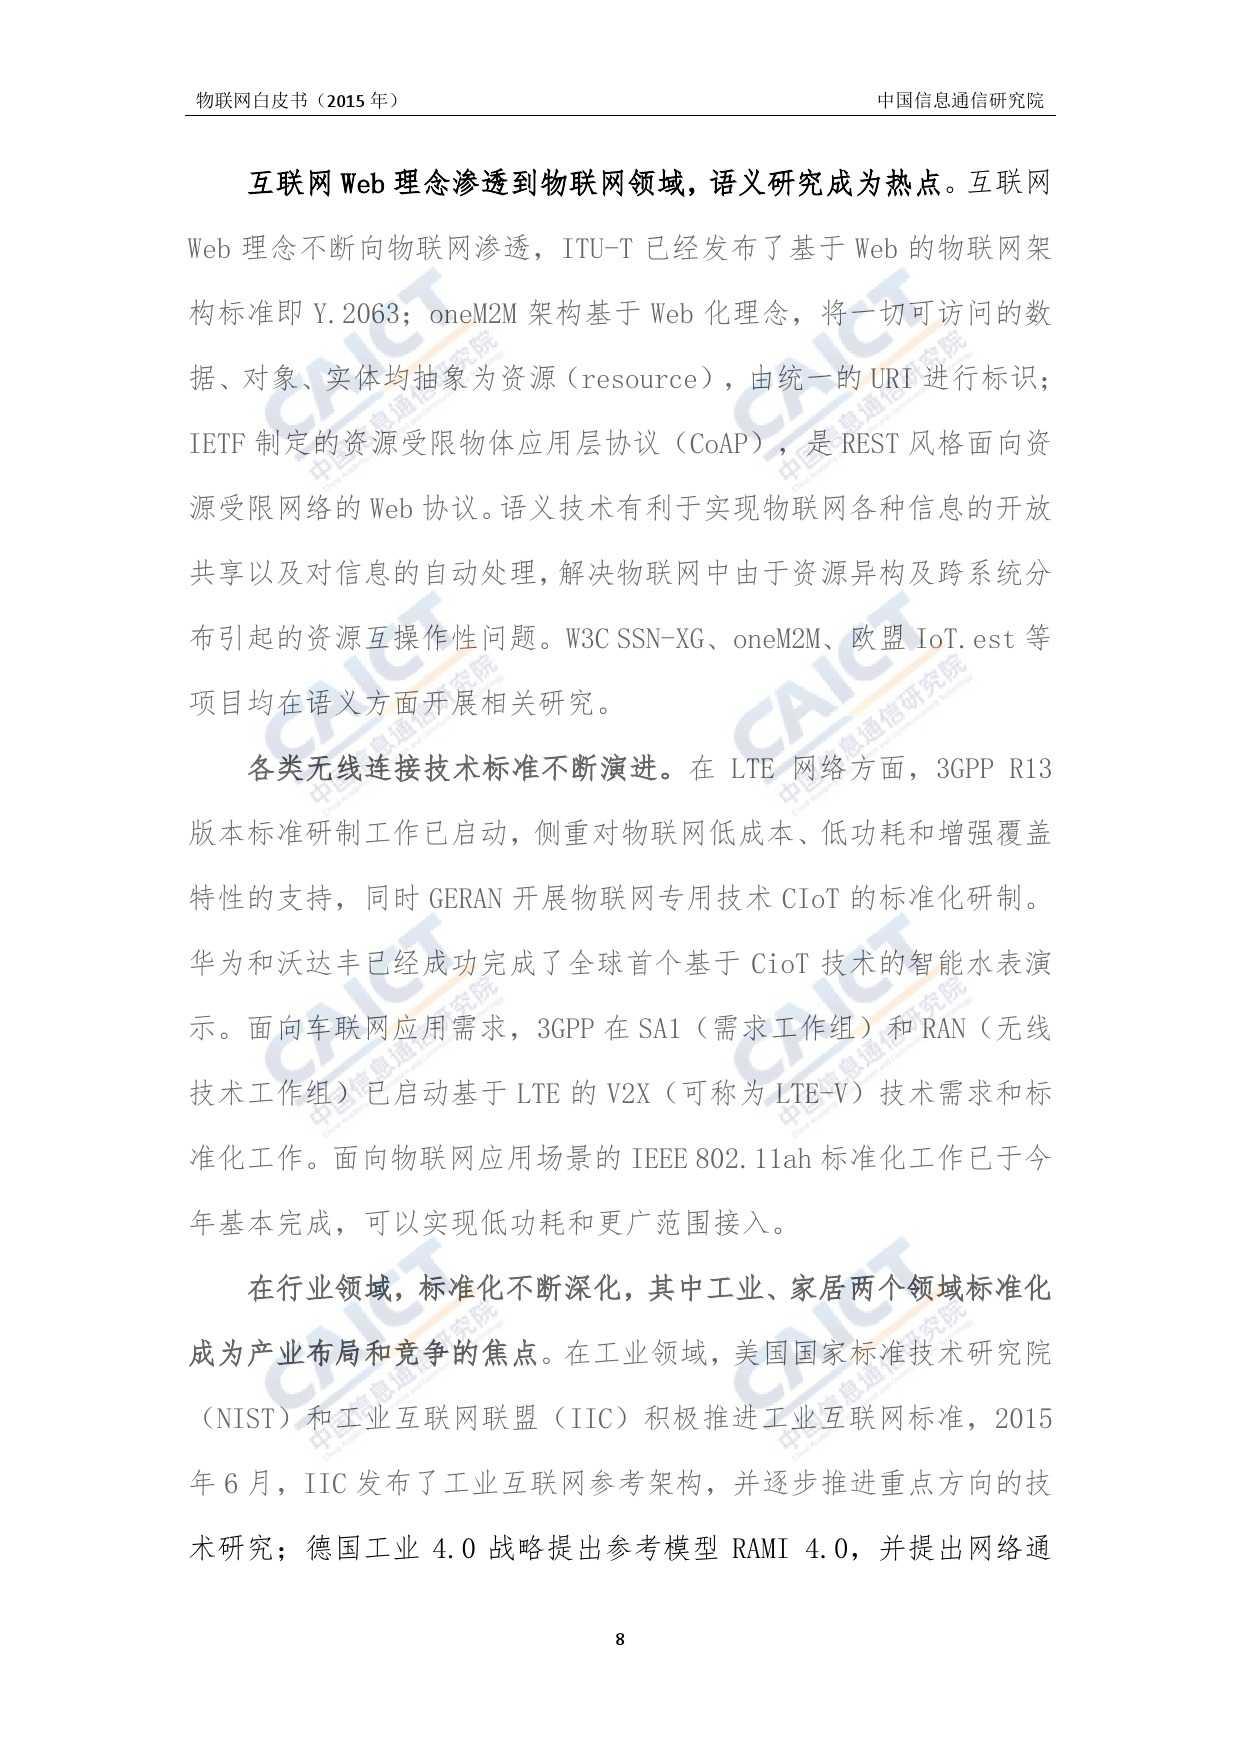 中国信息通信研究院:2015年物联网白皮书_000012